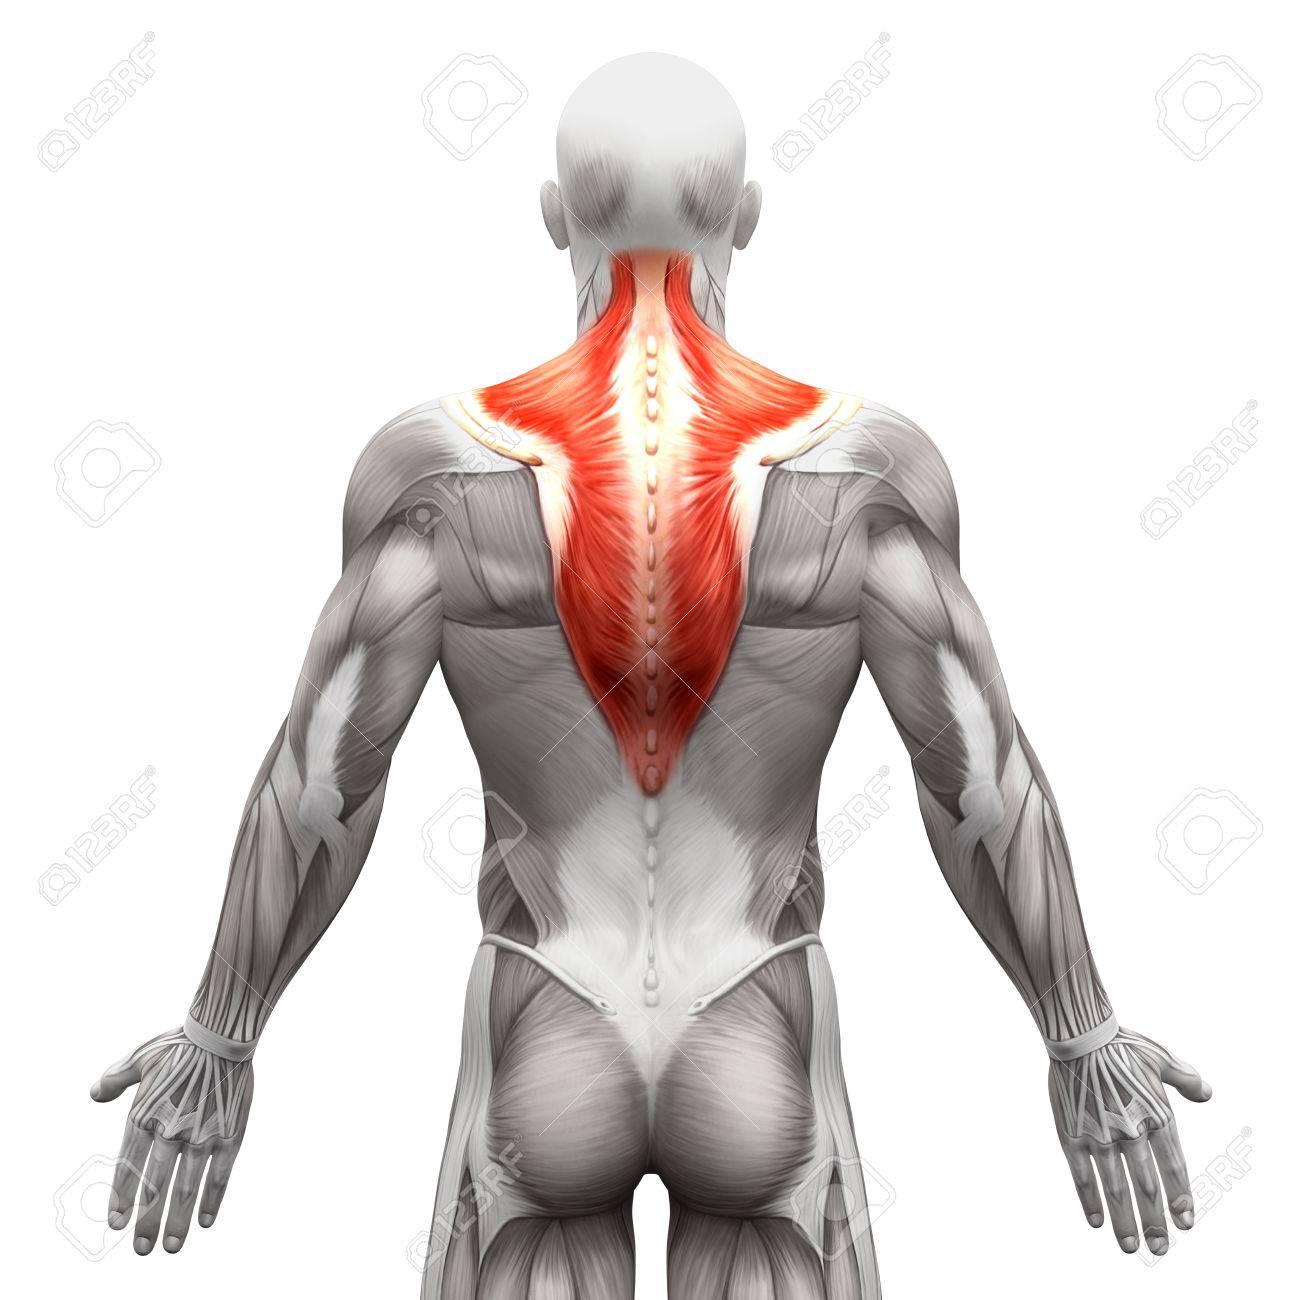 Trapecio Muscular - Músculos Anatomía Aislados En Blanco ...